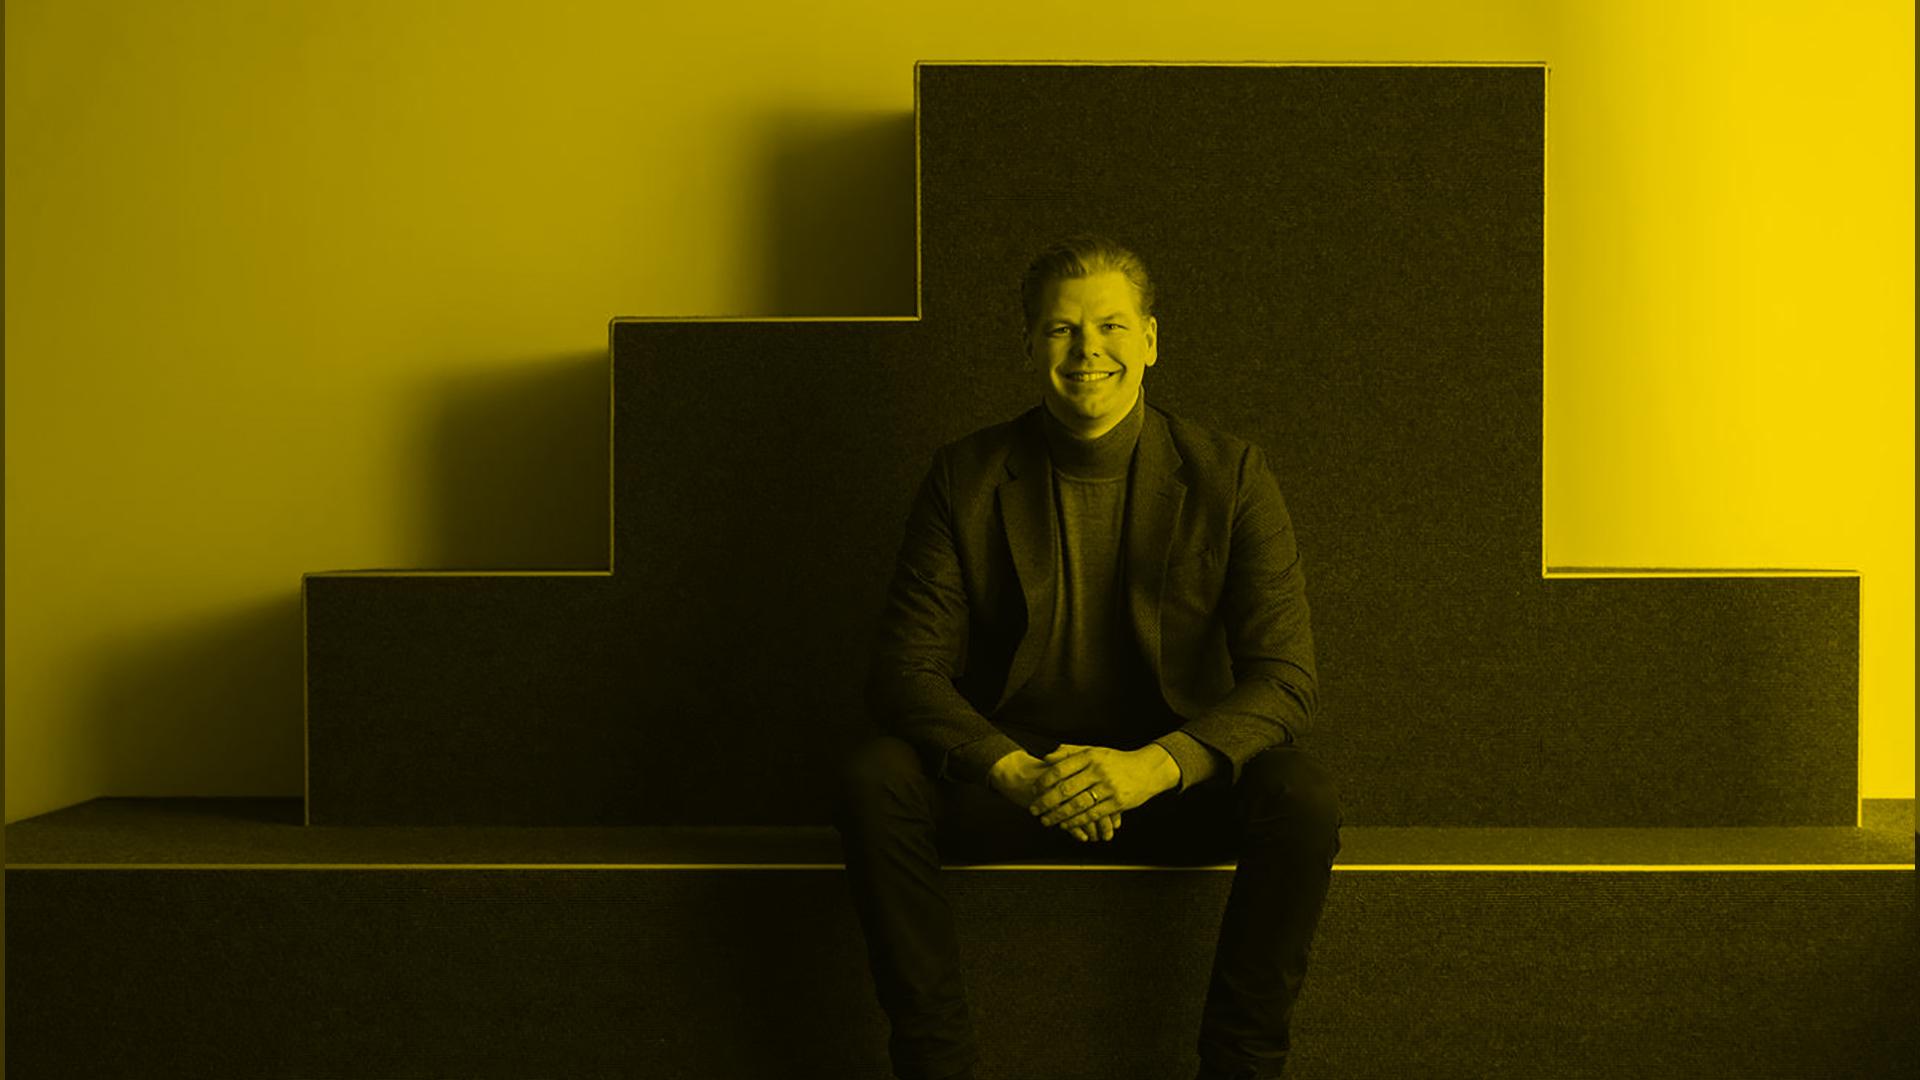 Erik Fjellborg Quinyx